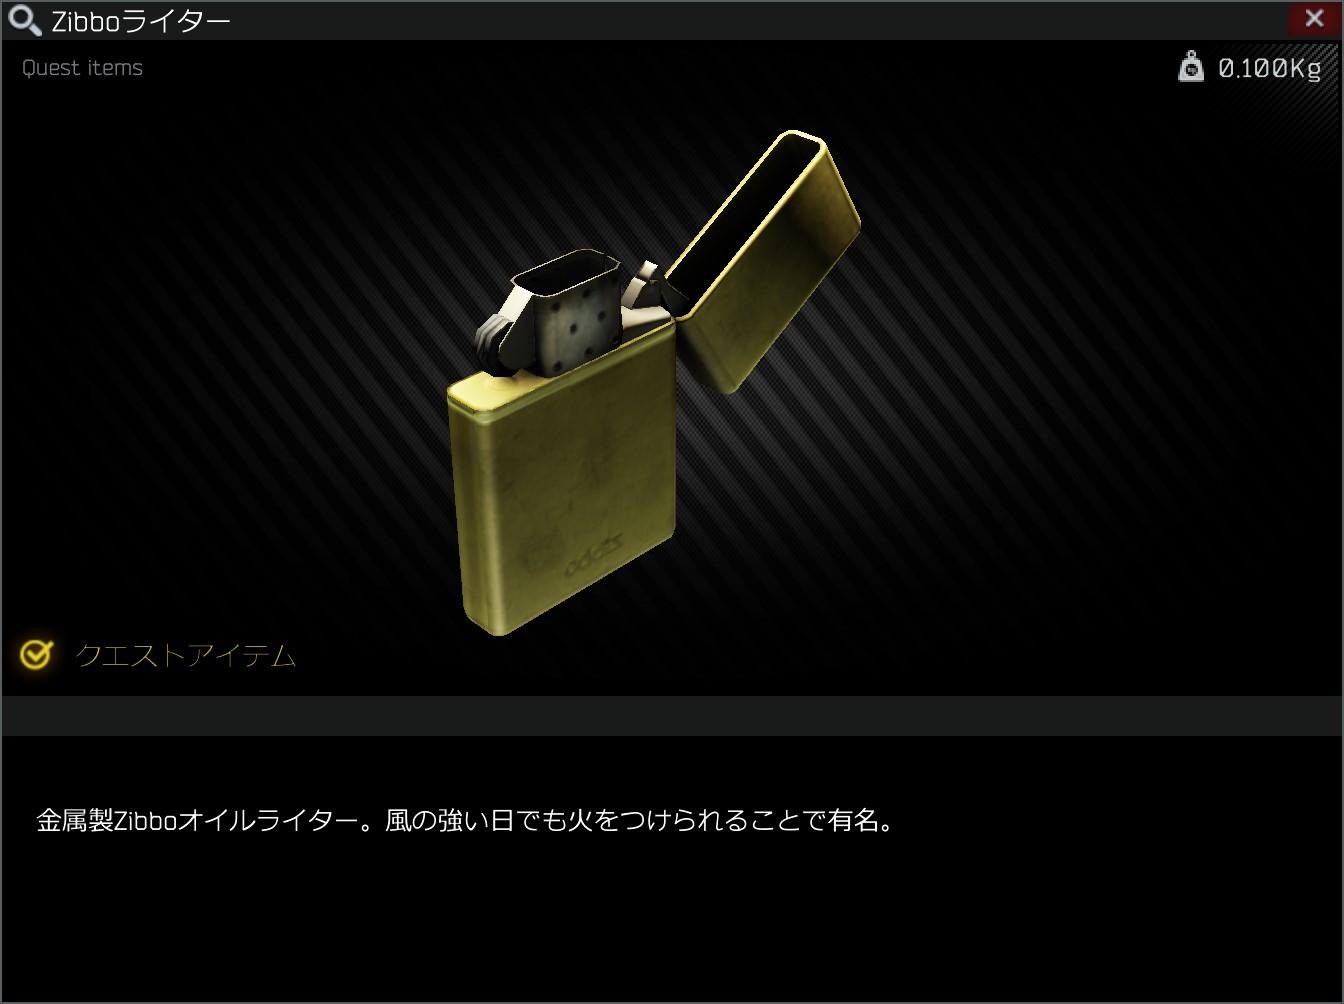 Zibbo_lighter_golden.jpg